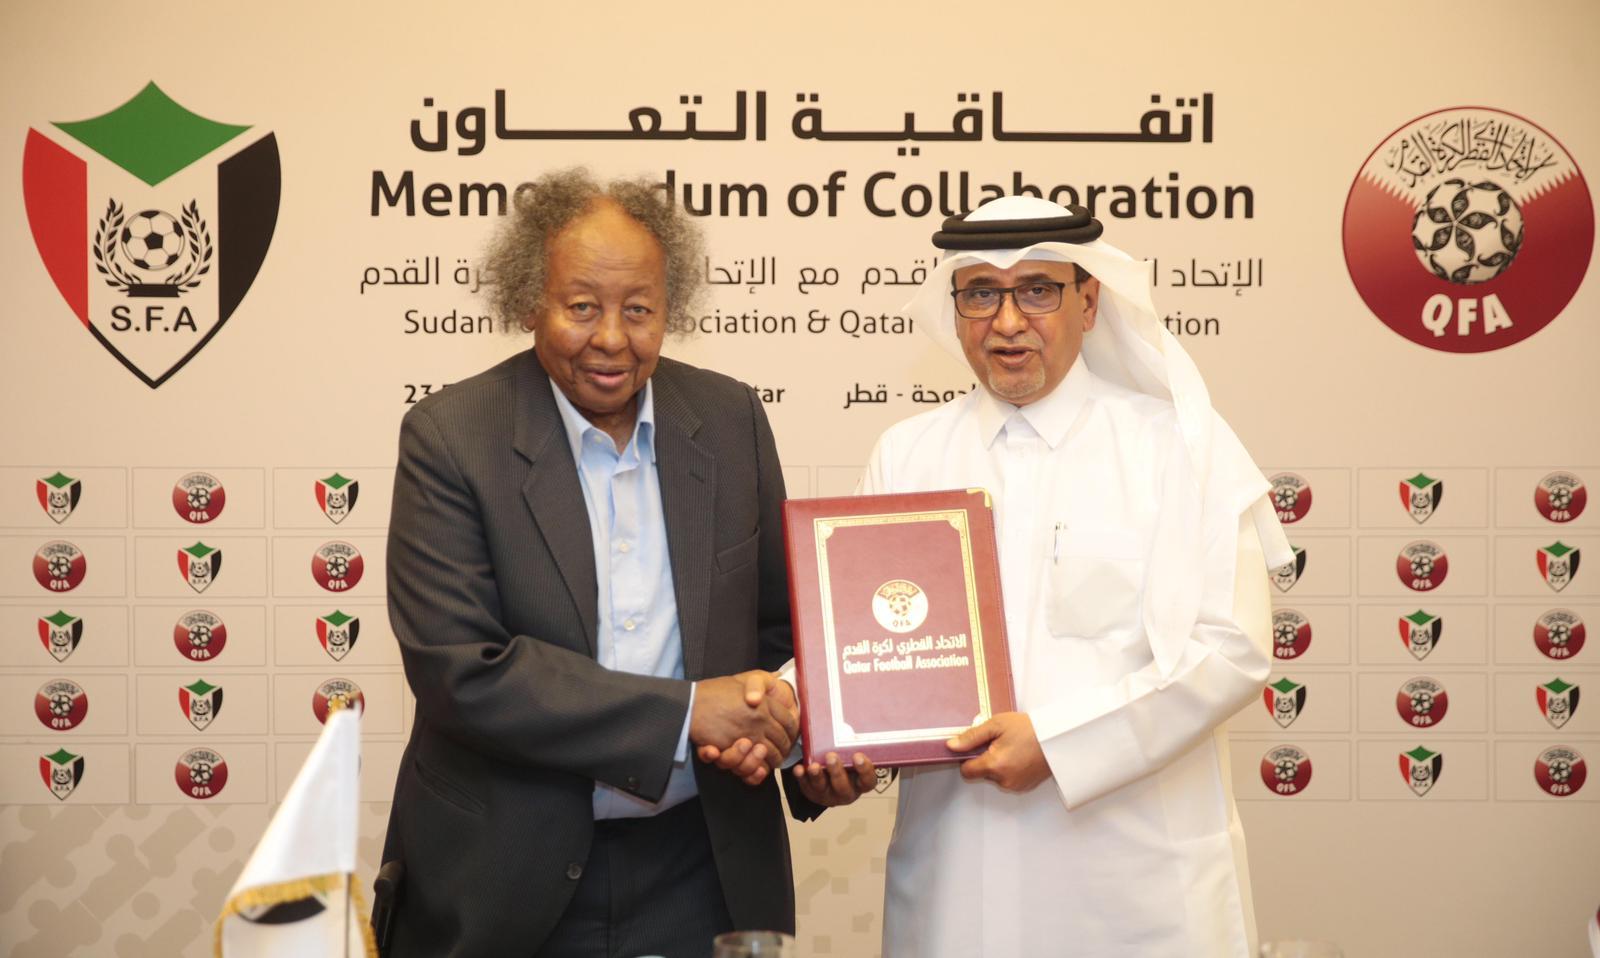 الاتحاد القطري لكرة القدم يوقع اتفاقية تعاون مع شقيقه الاتحاد السوداني لتعزيز العلاقات الثنائية